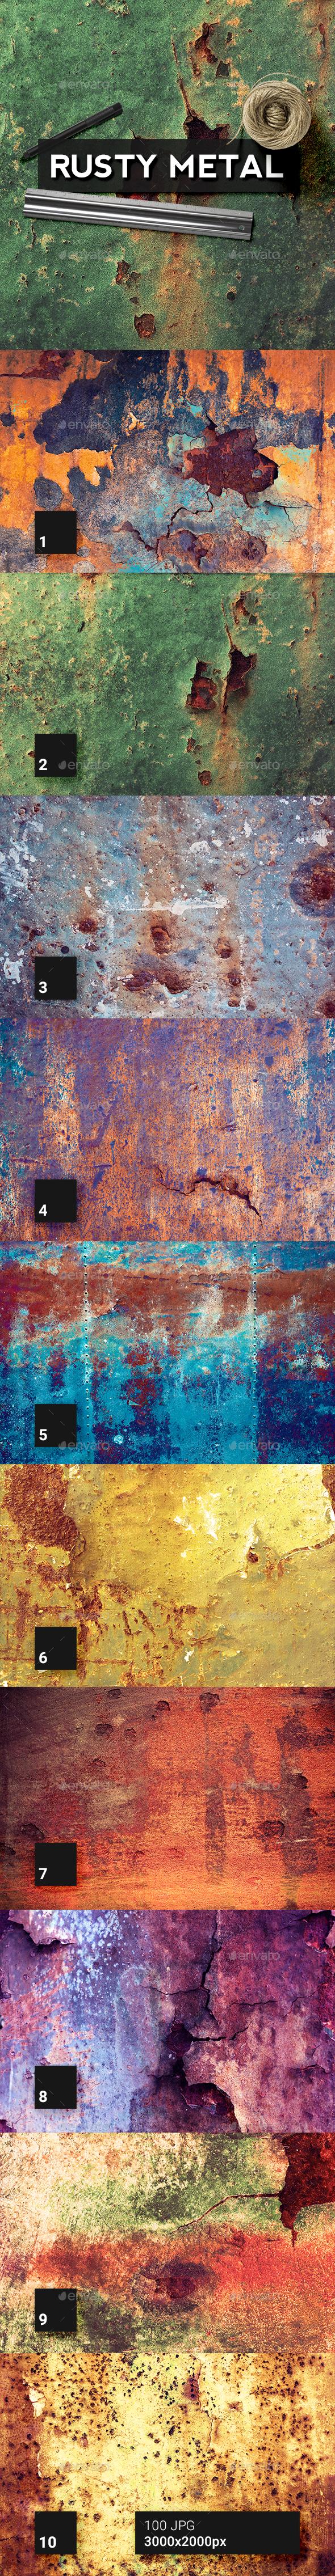 100 Rusty Metal Textures - Metal Textures